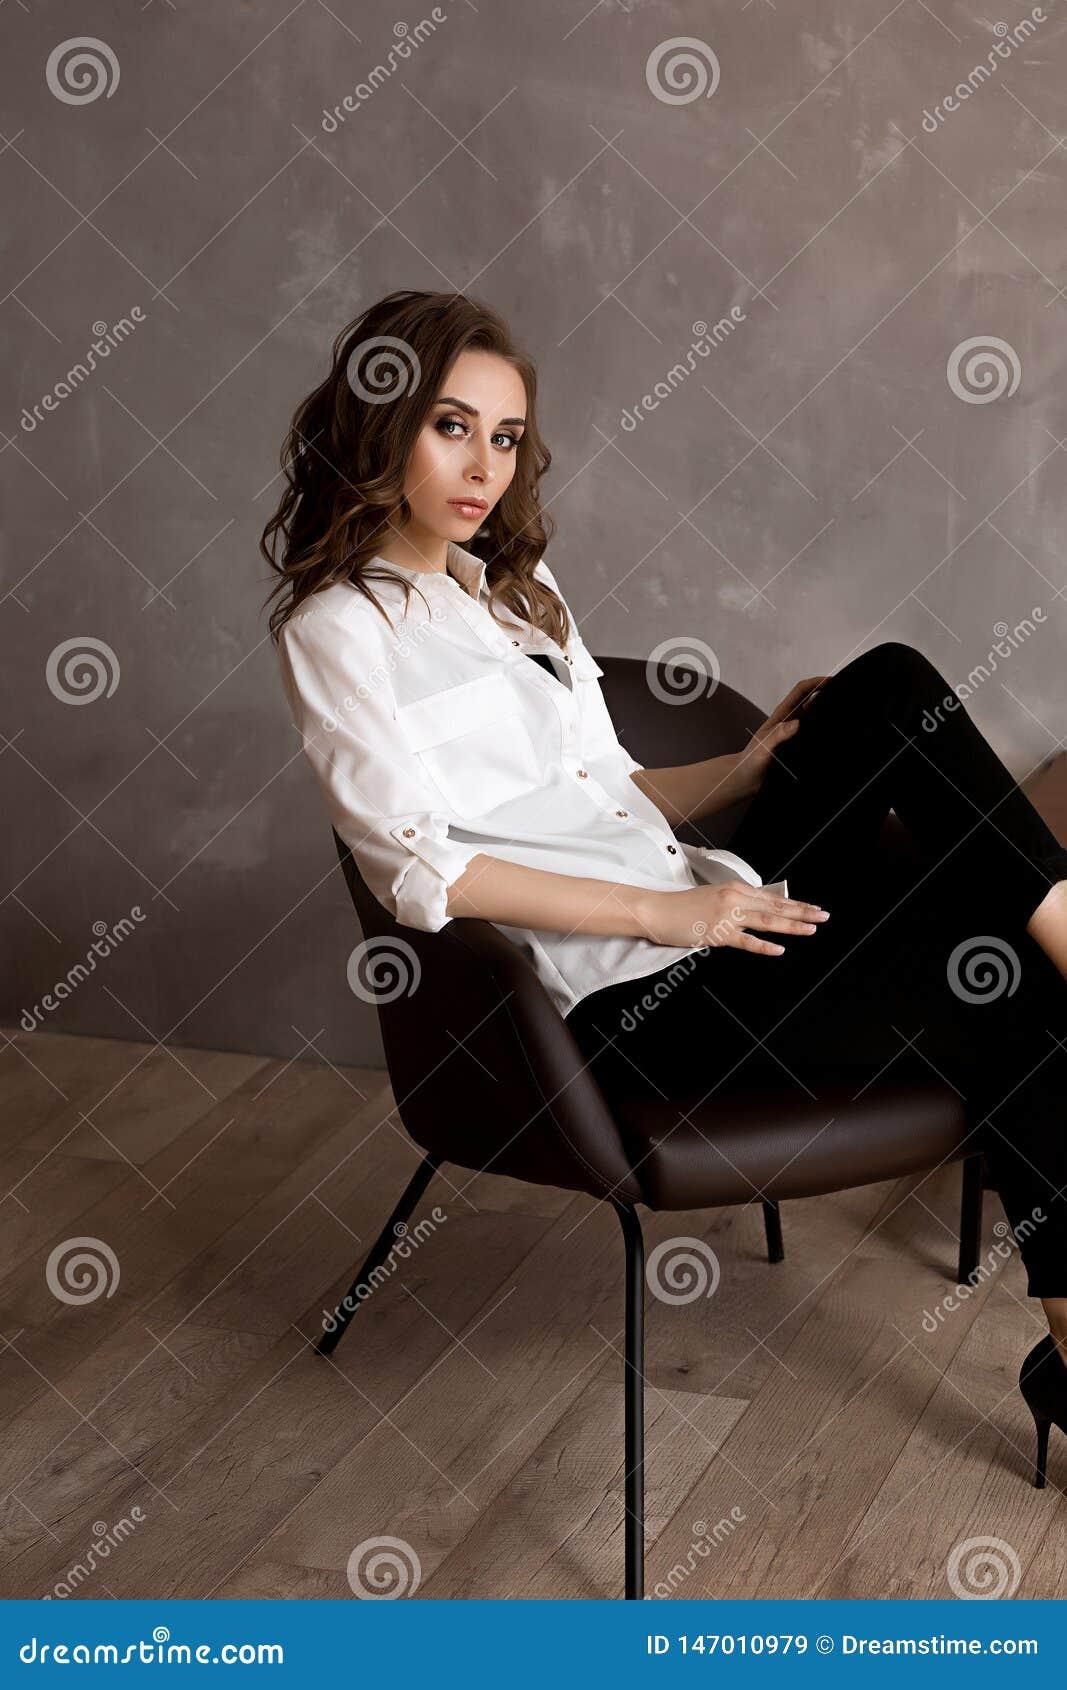 Piękna młoda europejska kobieta w białej koszula i czarnych spodniach siedzi na krześle, dosyć caucasian młoda kobieta z